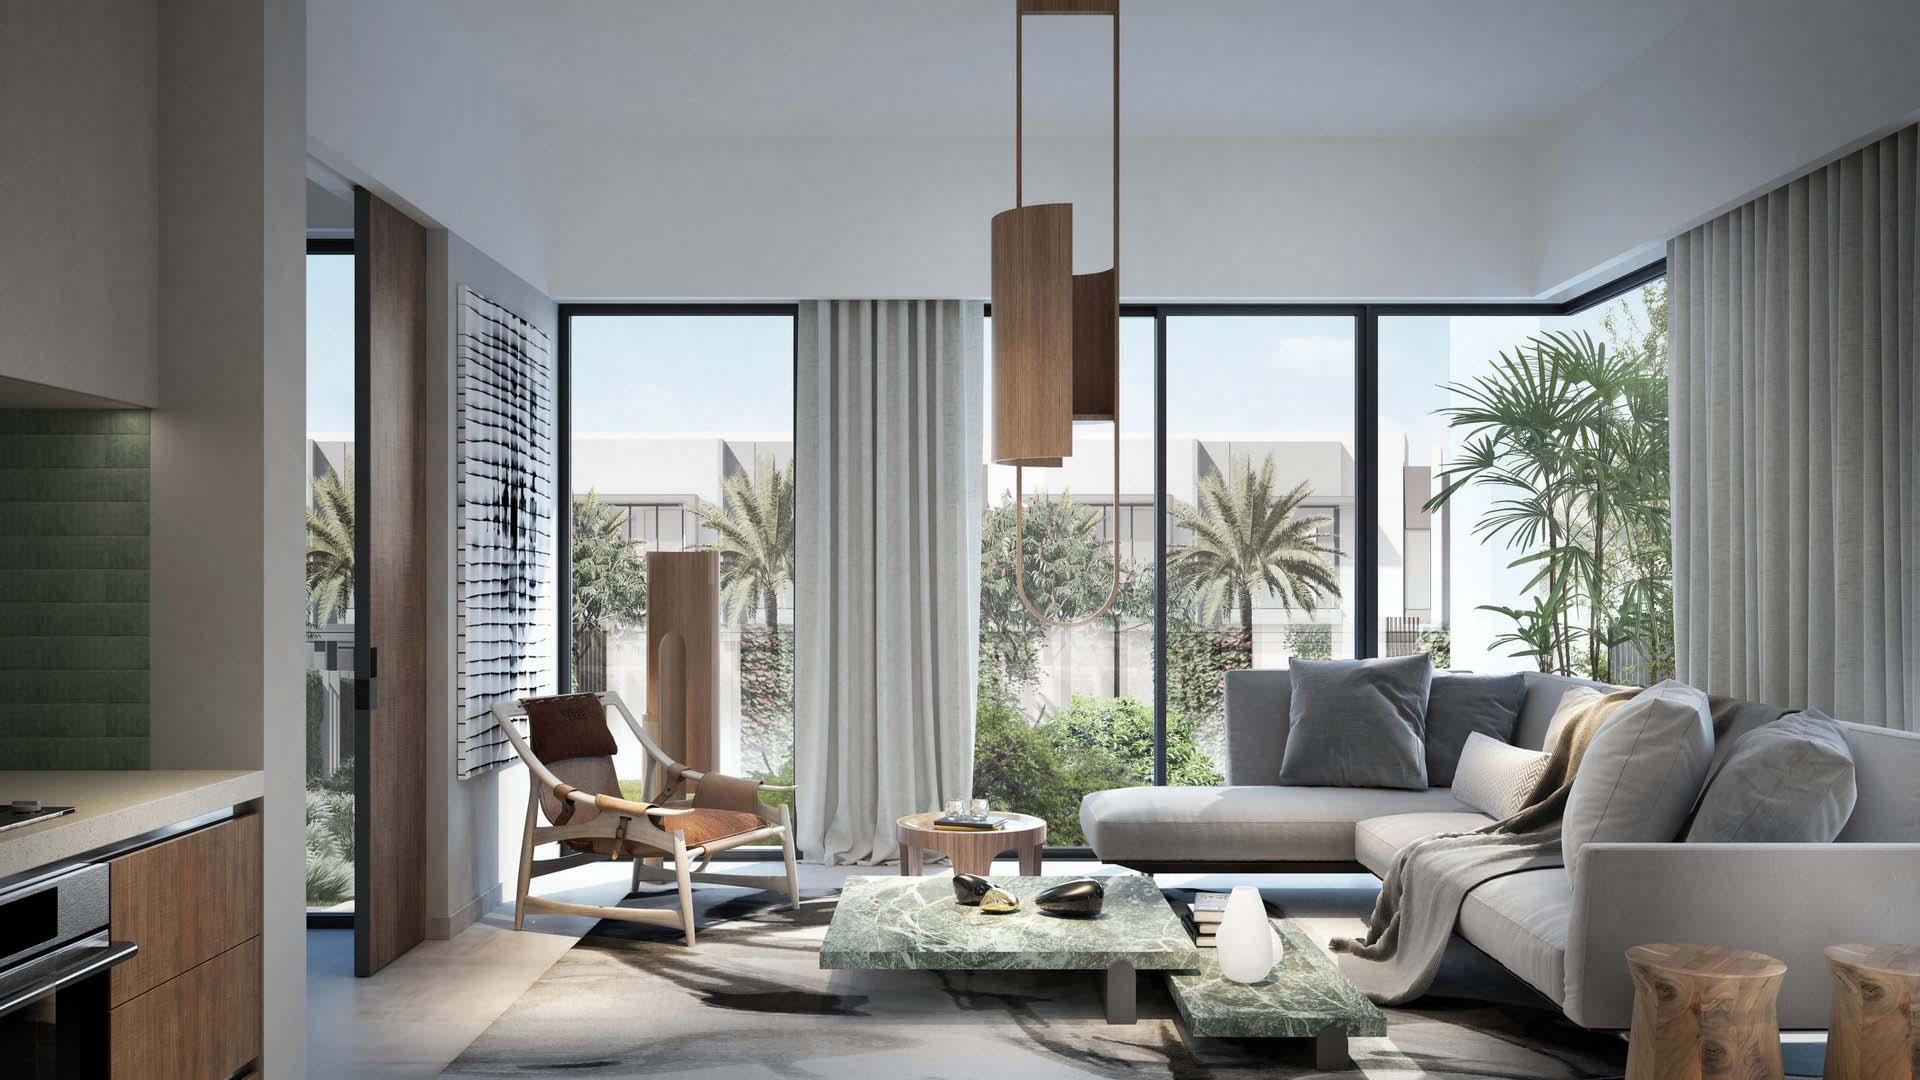 Villa en venta en Dubai, EAU, 4 dormitorios, 215 m2, № 24667 – foto 1